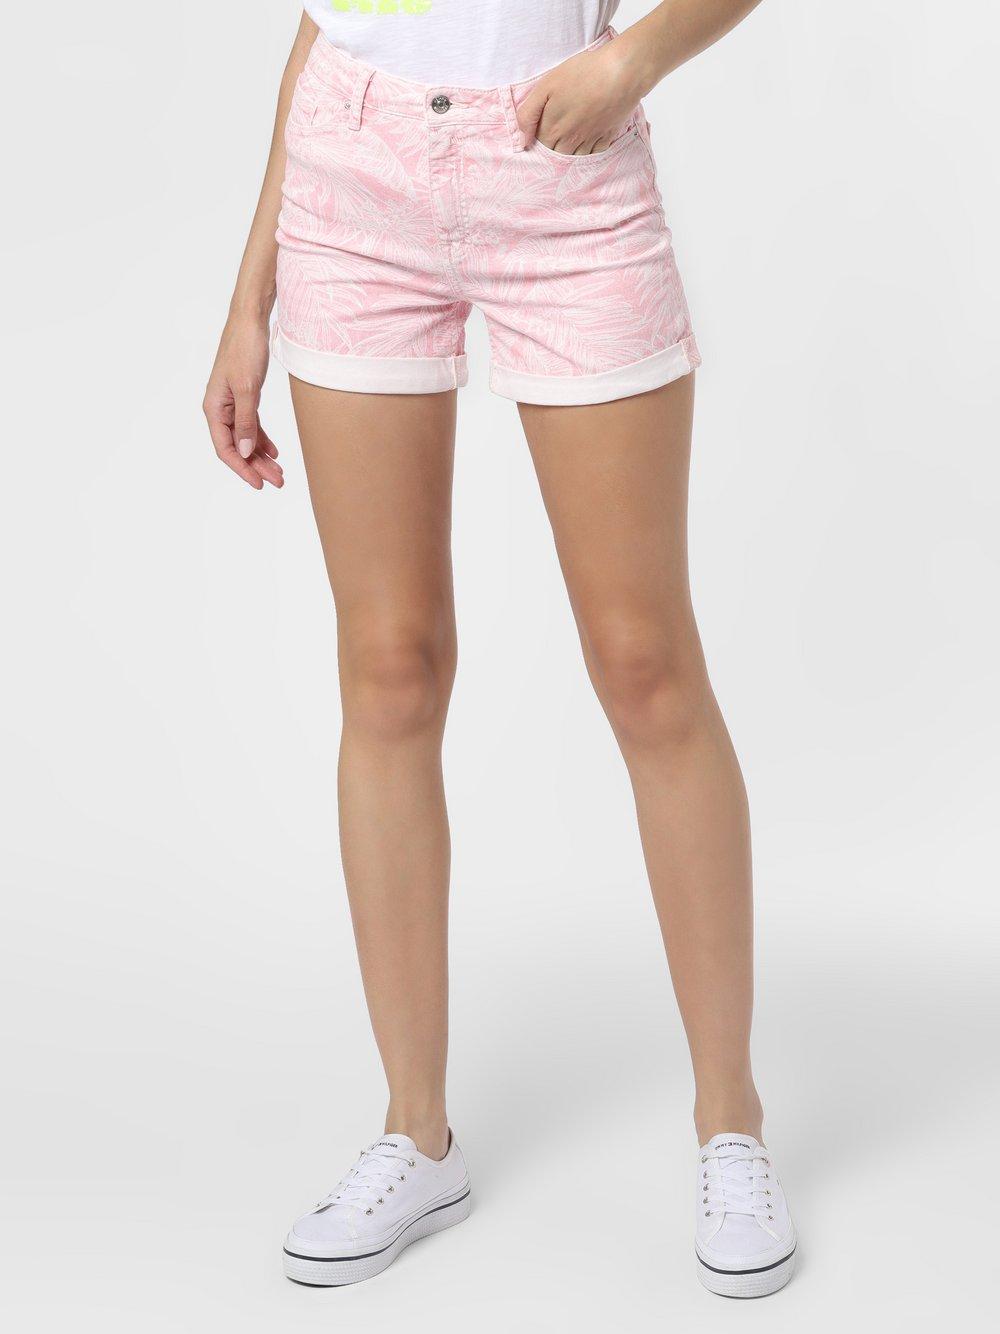 Tommy Hilfiger - Damskie krótkie spodenki jeansowe, różowy